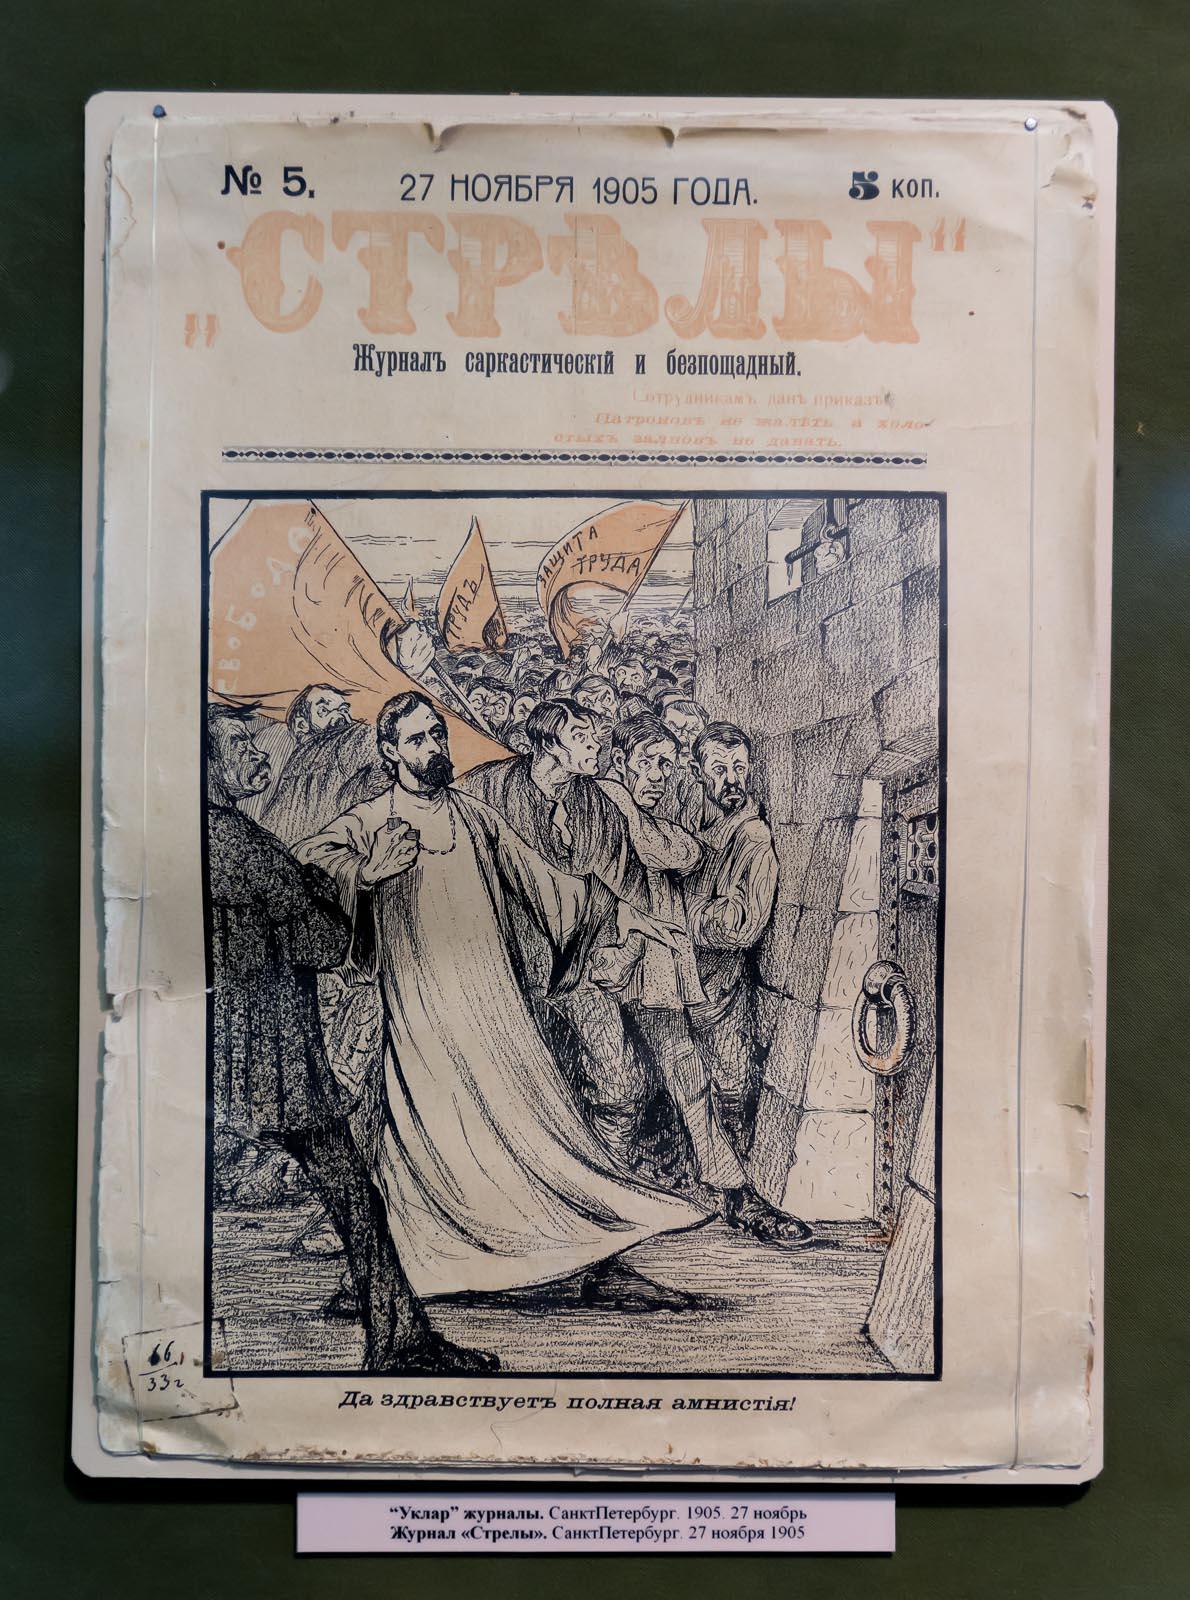 Фото №273637. Журнал «Стрелы». СанктПетербург 27 ноября 1905